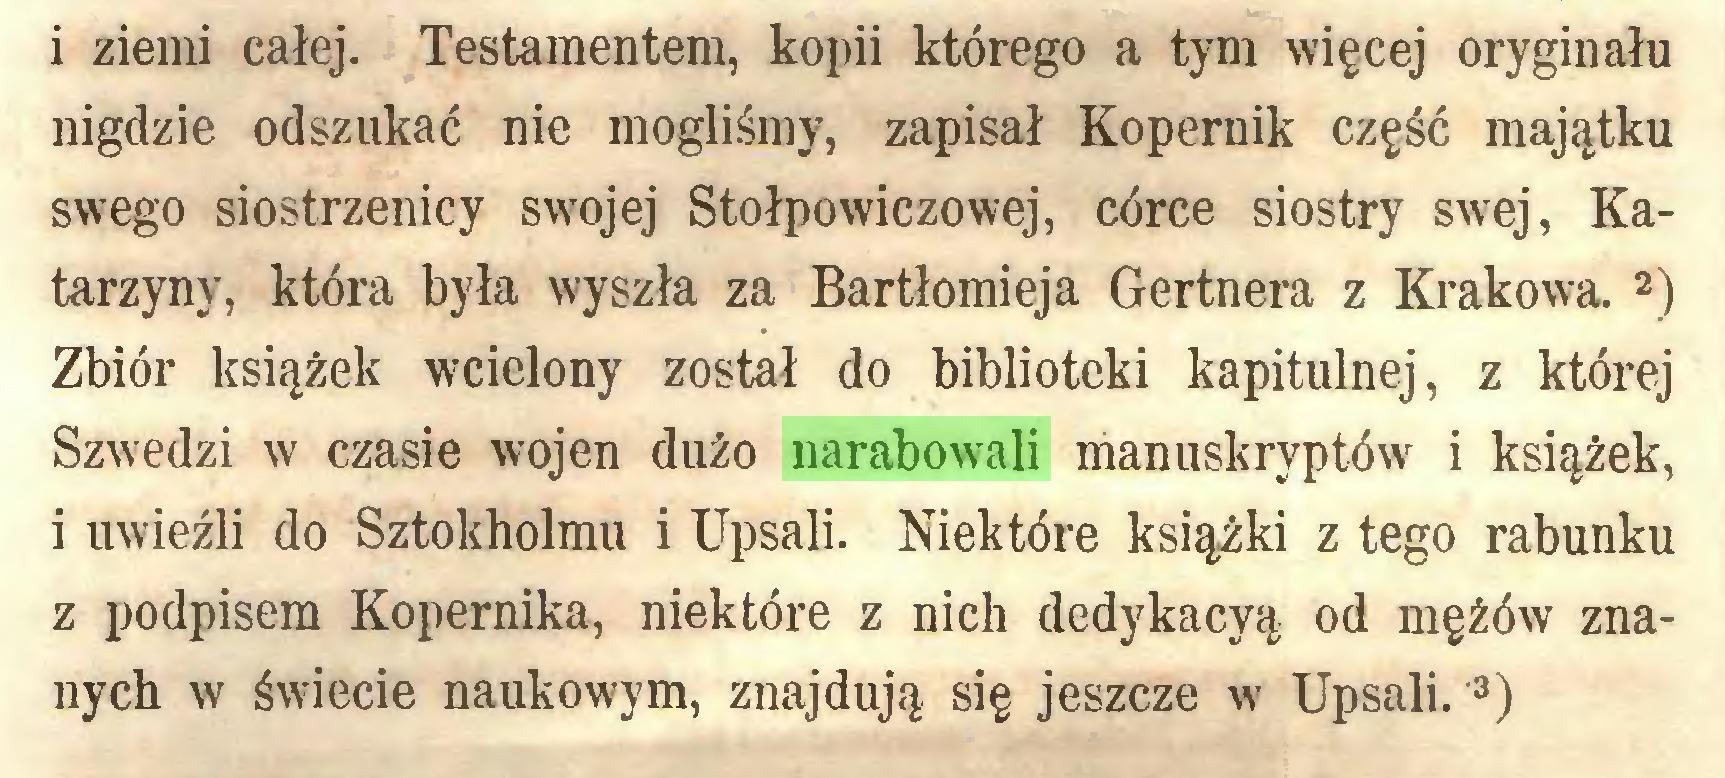 (...) i ziemi całej. Testamentem, kopii którego a tym więcej oryginału nigdzie odszukać nie mogliśmy, zapisał Kopernik część majątku swego siostrzenicy swojej Stołpowiczowej, córce siostry swej, Katarzyny, która była wyszła za Bartłomieja Gertnera z Krakowa. 1 2) Zbiór książek wcielony został do biblioteki kapitulnej, z której Szwedzi w czasie wojen dużo narabowali manuskryptów i książek, i uwieźli do Sztokholmu i Upsali. Niektóre książki z tego rabunku z podpisem Kopernika, niektóre z nich dedykacyą od mężów znanych w świecie naukowym, znajdują się jeszcze w Upsali. 3)...